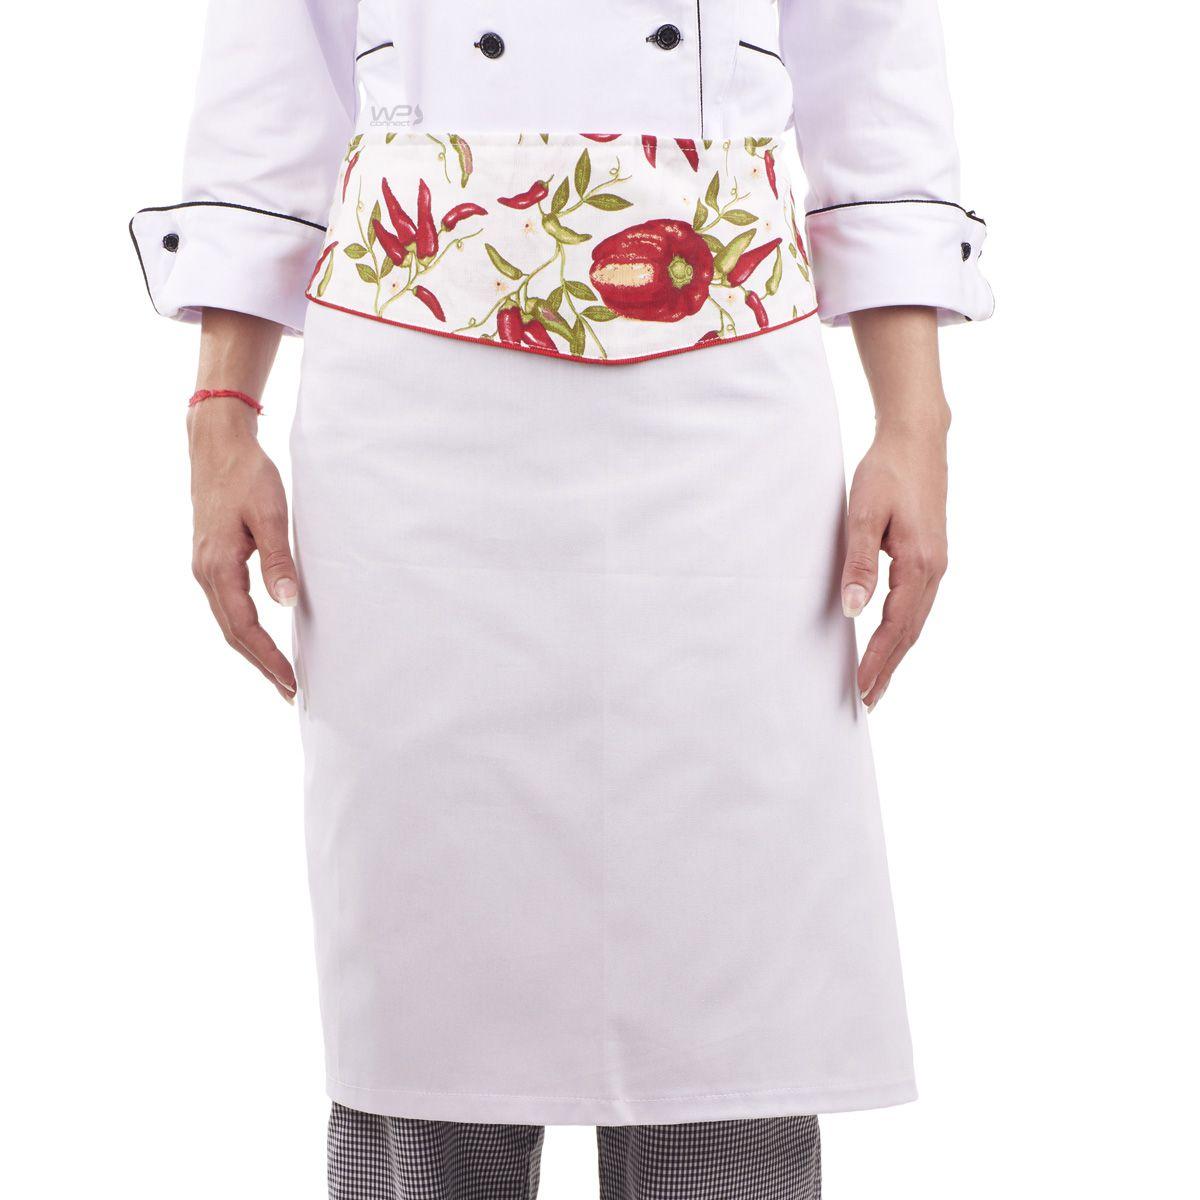 784b7d337 Avental Chef de Cozinha Feminino Pimentinha Confeiteira - WP Connect